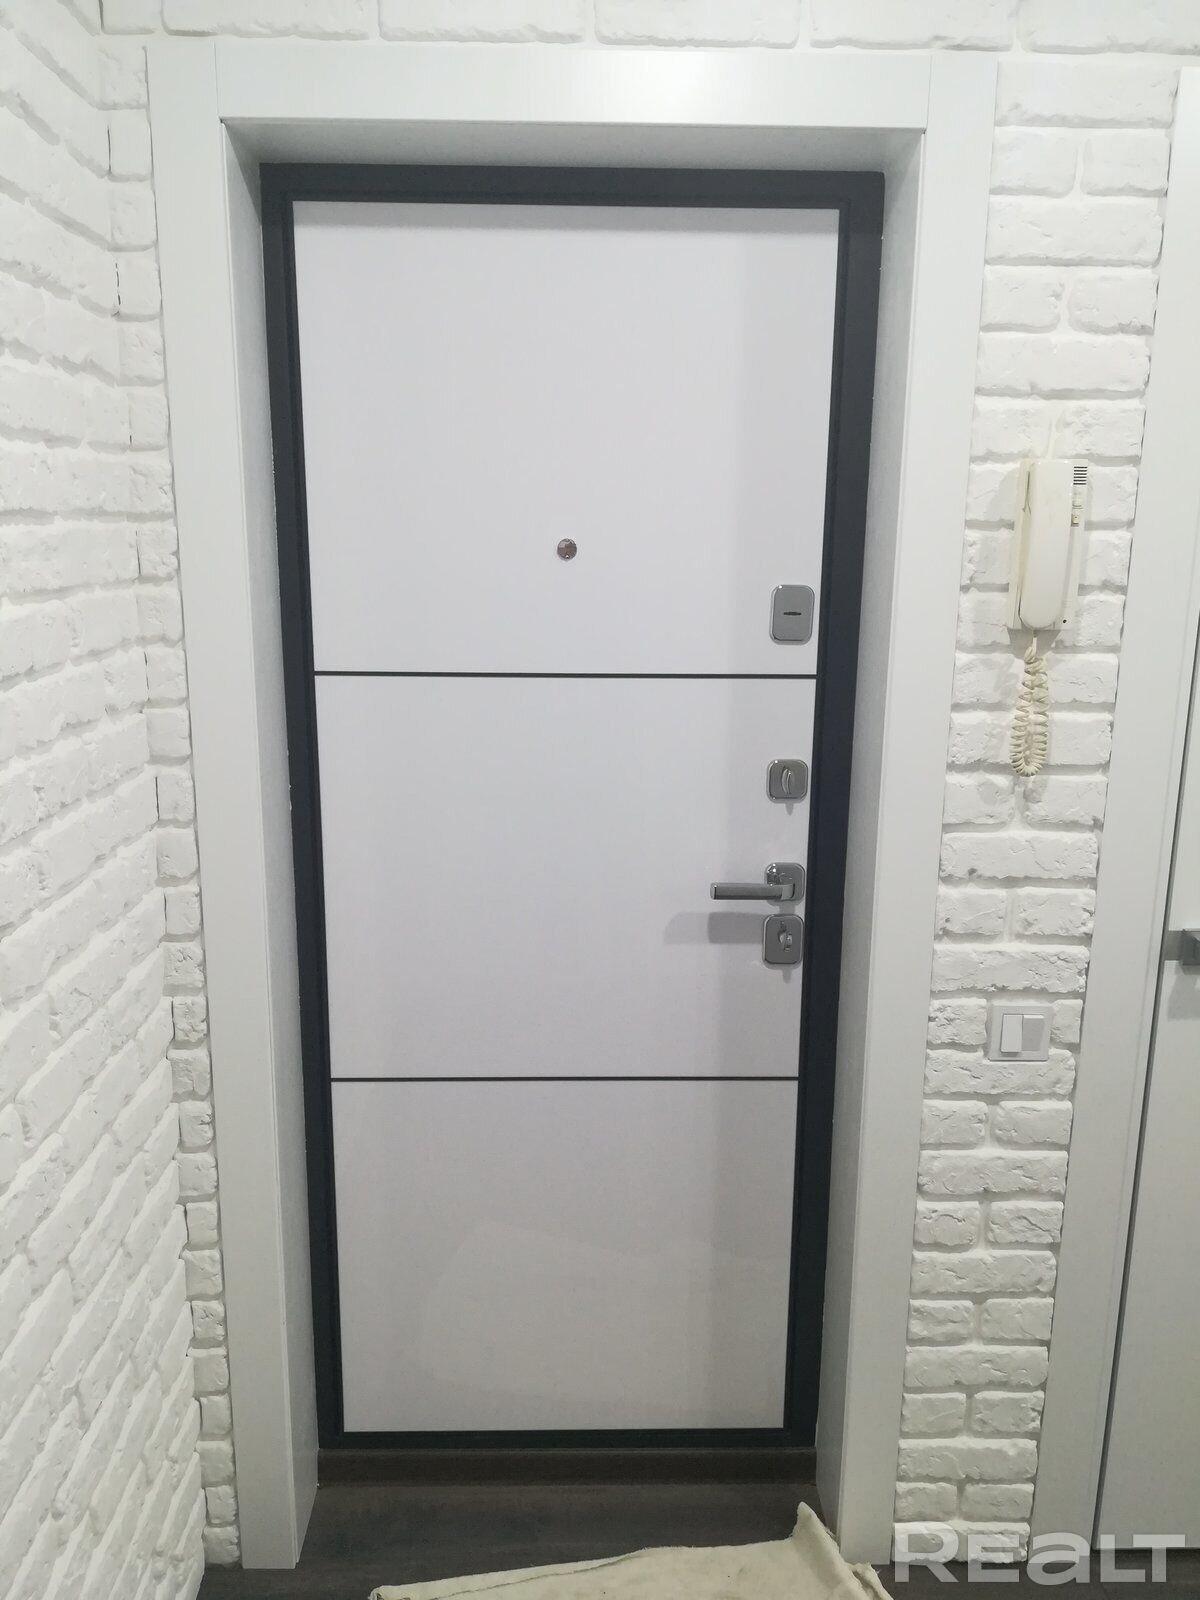 Продажа 2-х комнатной квартиры в г. Гомеле, ул. Тимофеенко, дом 12 (р-н Старый аэродром). Цена 139 479 руб c торгом